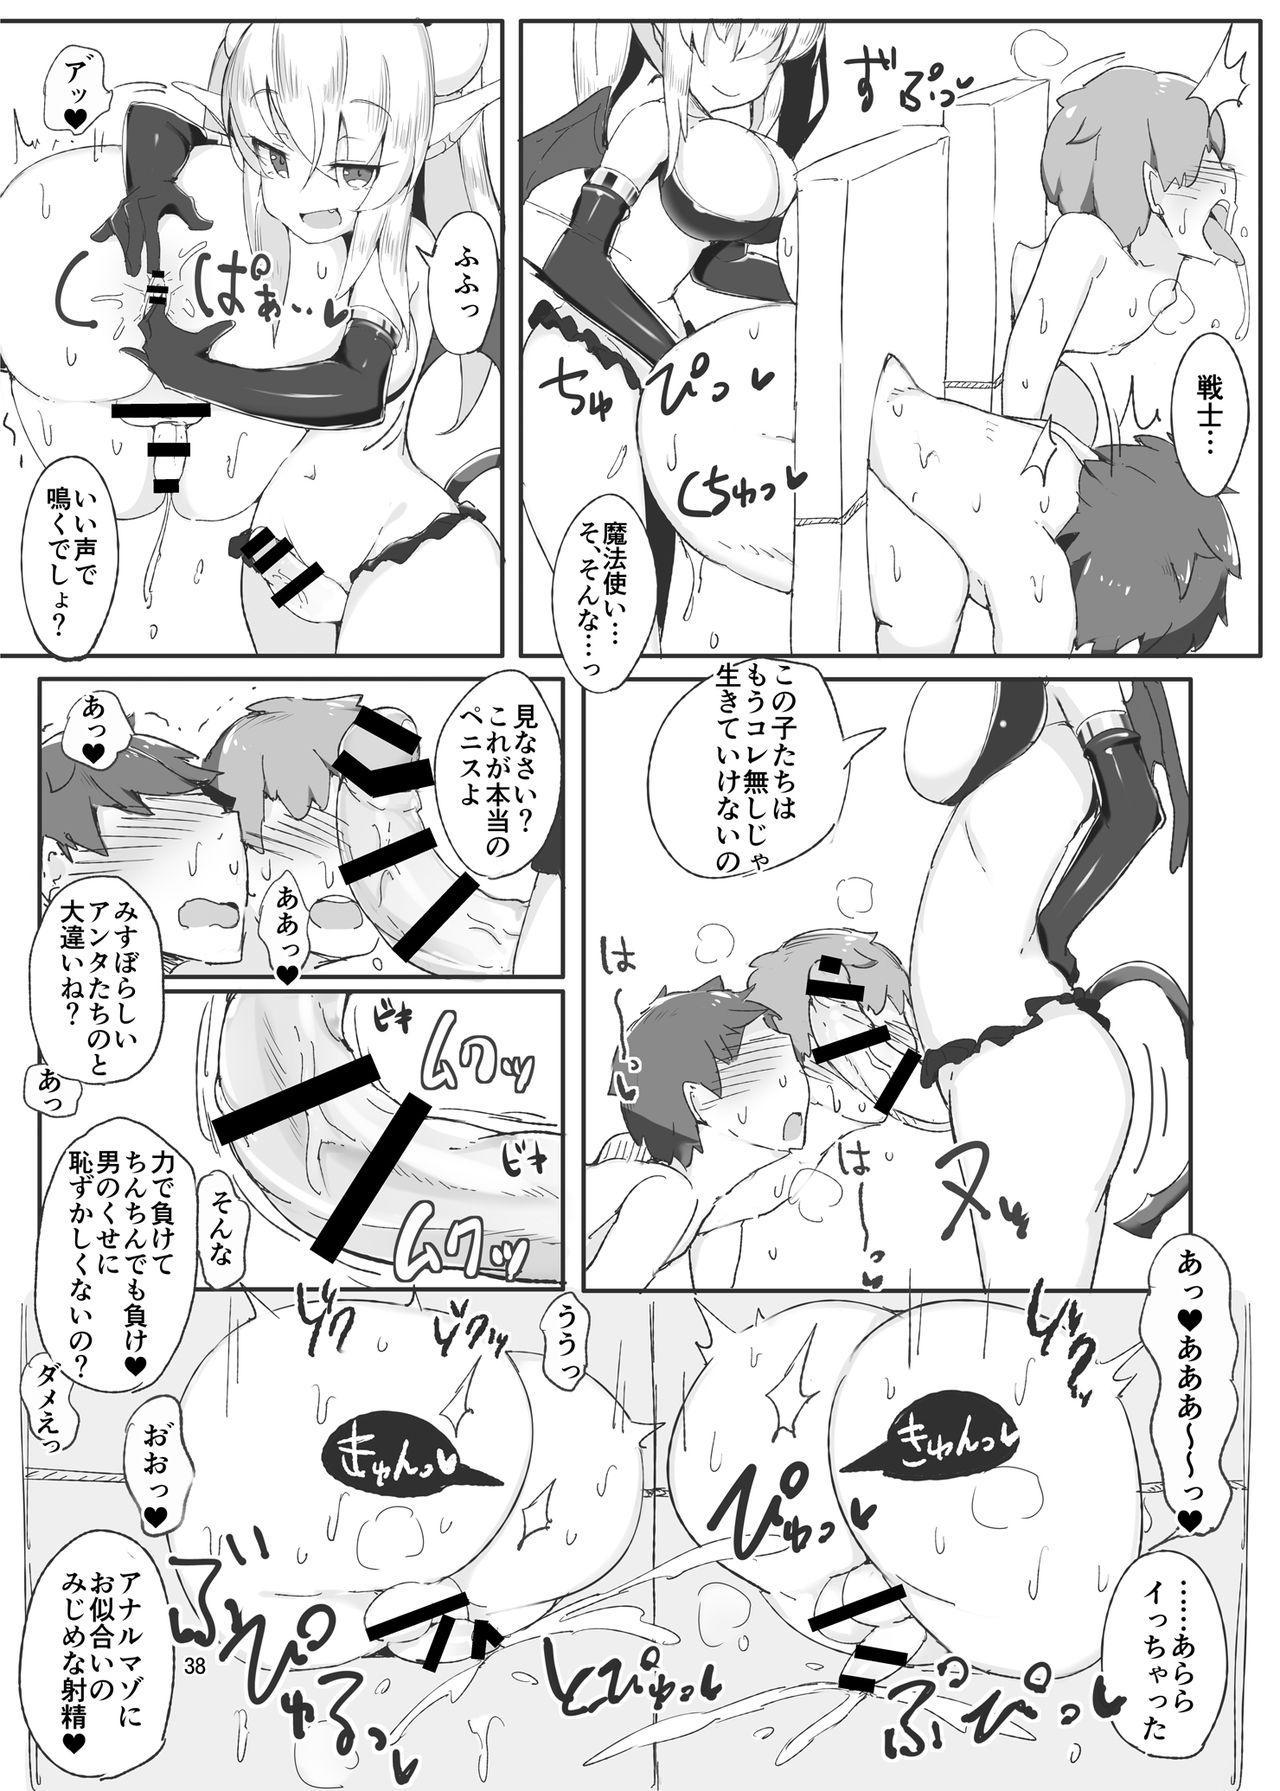 Futanari x Otoko Gyaku Anal Goudou Anata ga Mesu ni Narun desu yo 37